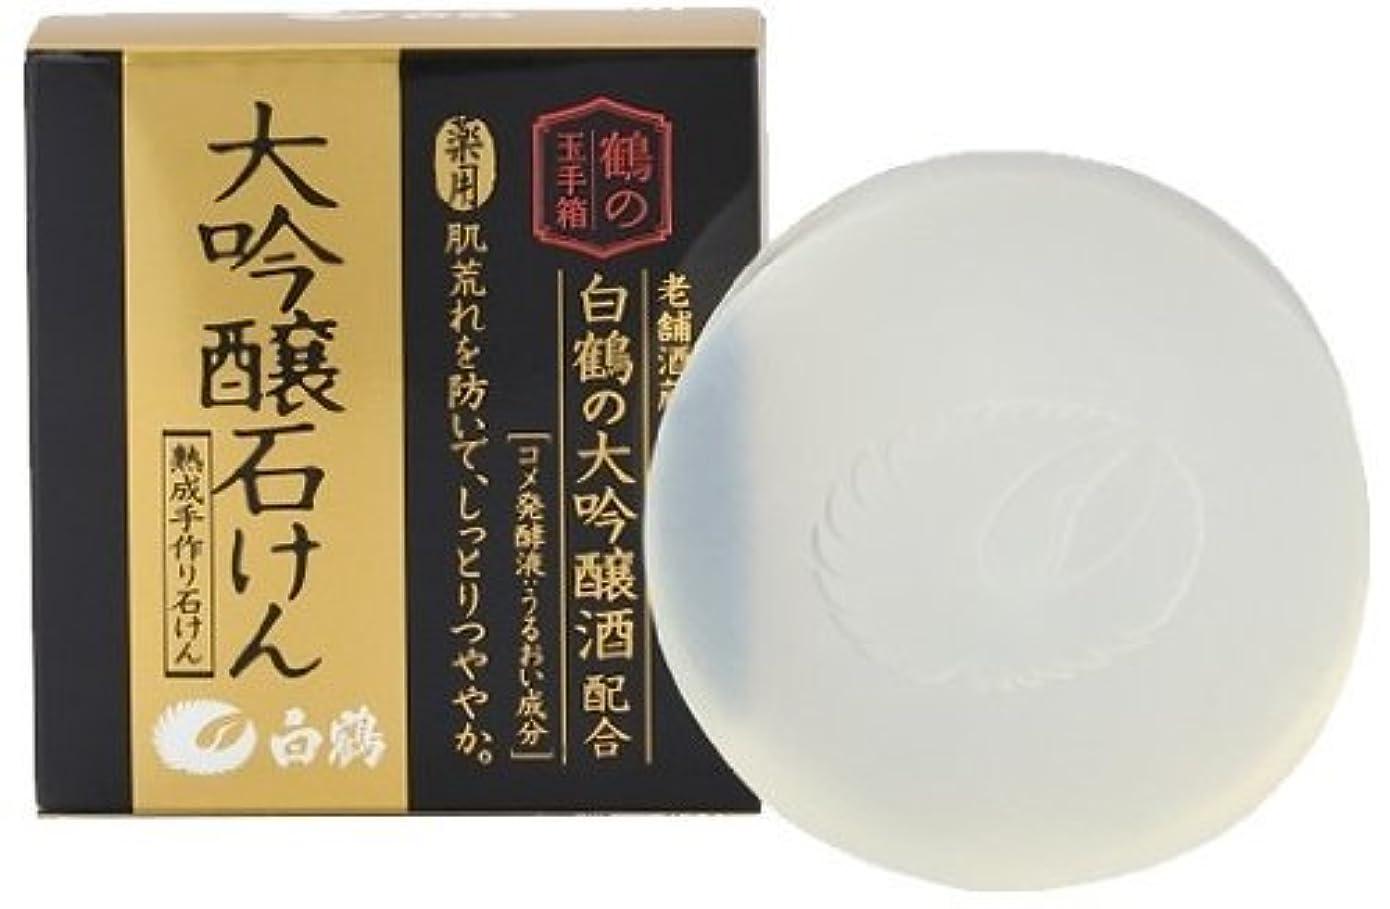 はい種をまく中に白鶴 鶴の玉手箱 大吟醸石けん 100g × 10個 (薬用)(医薬部外品)